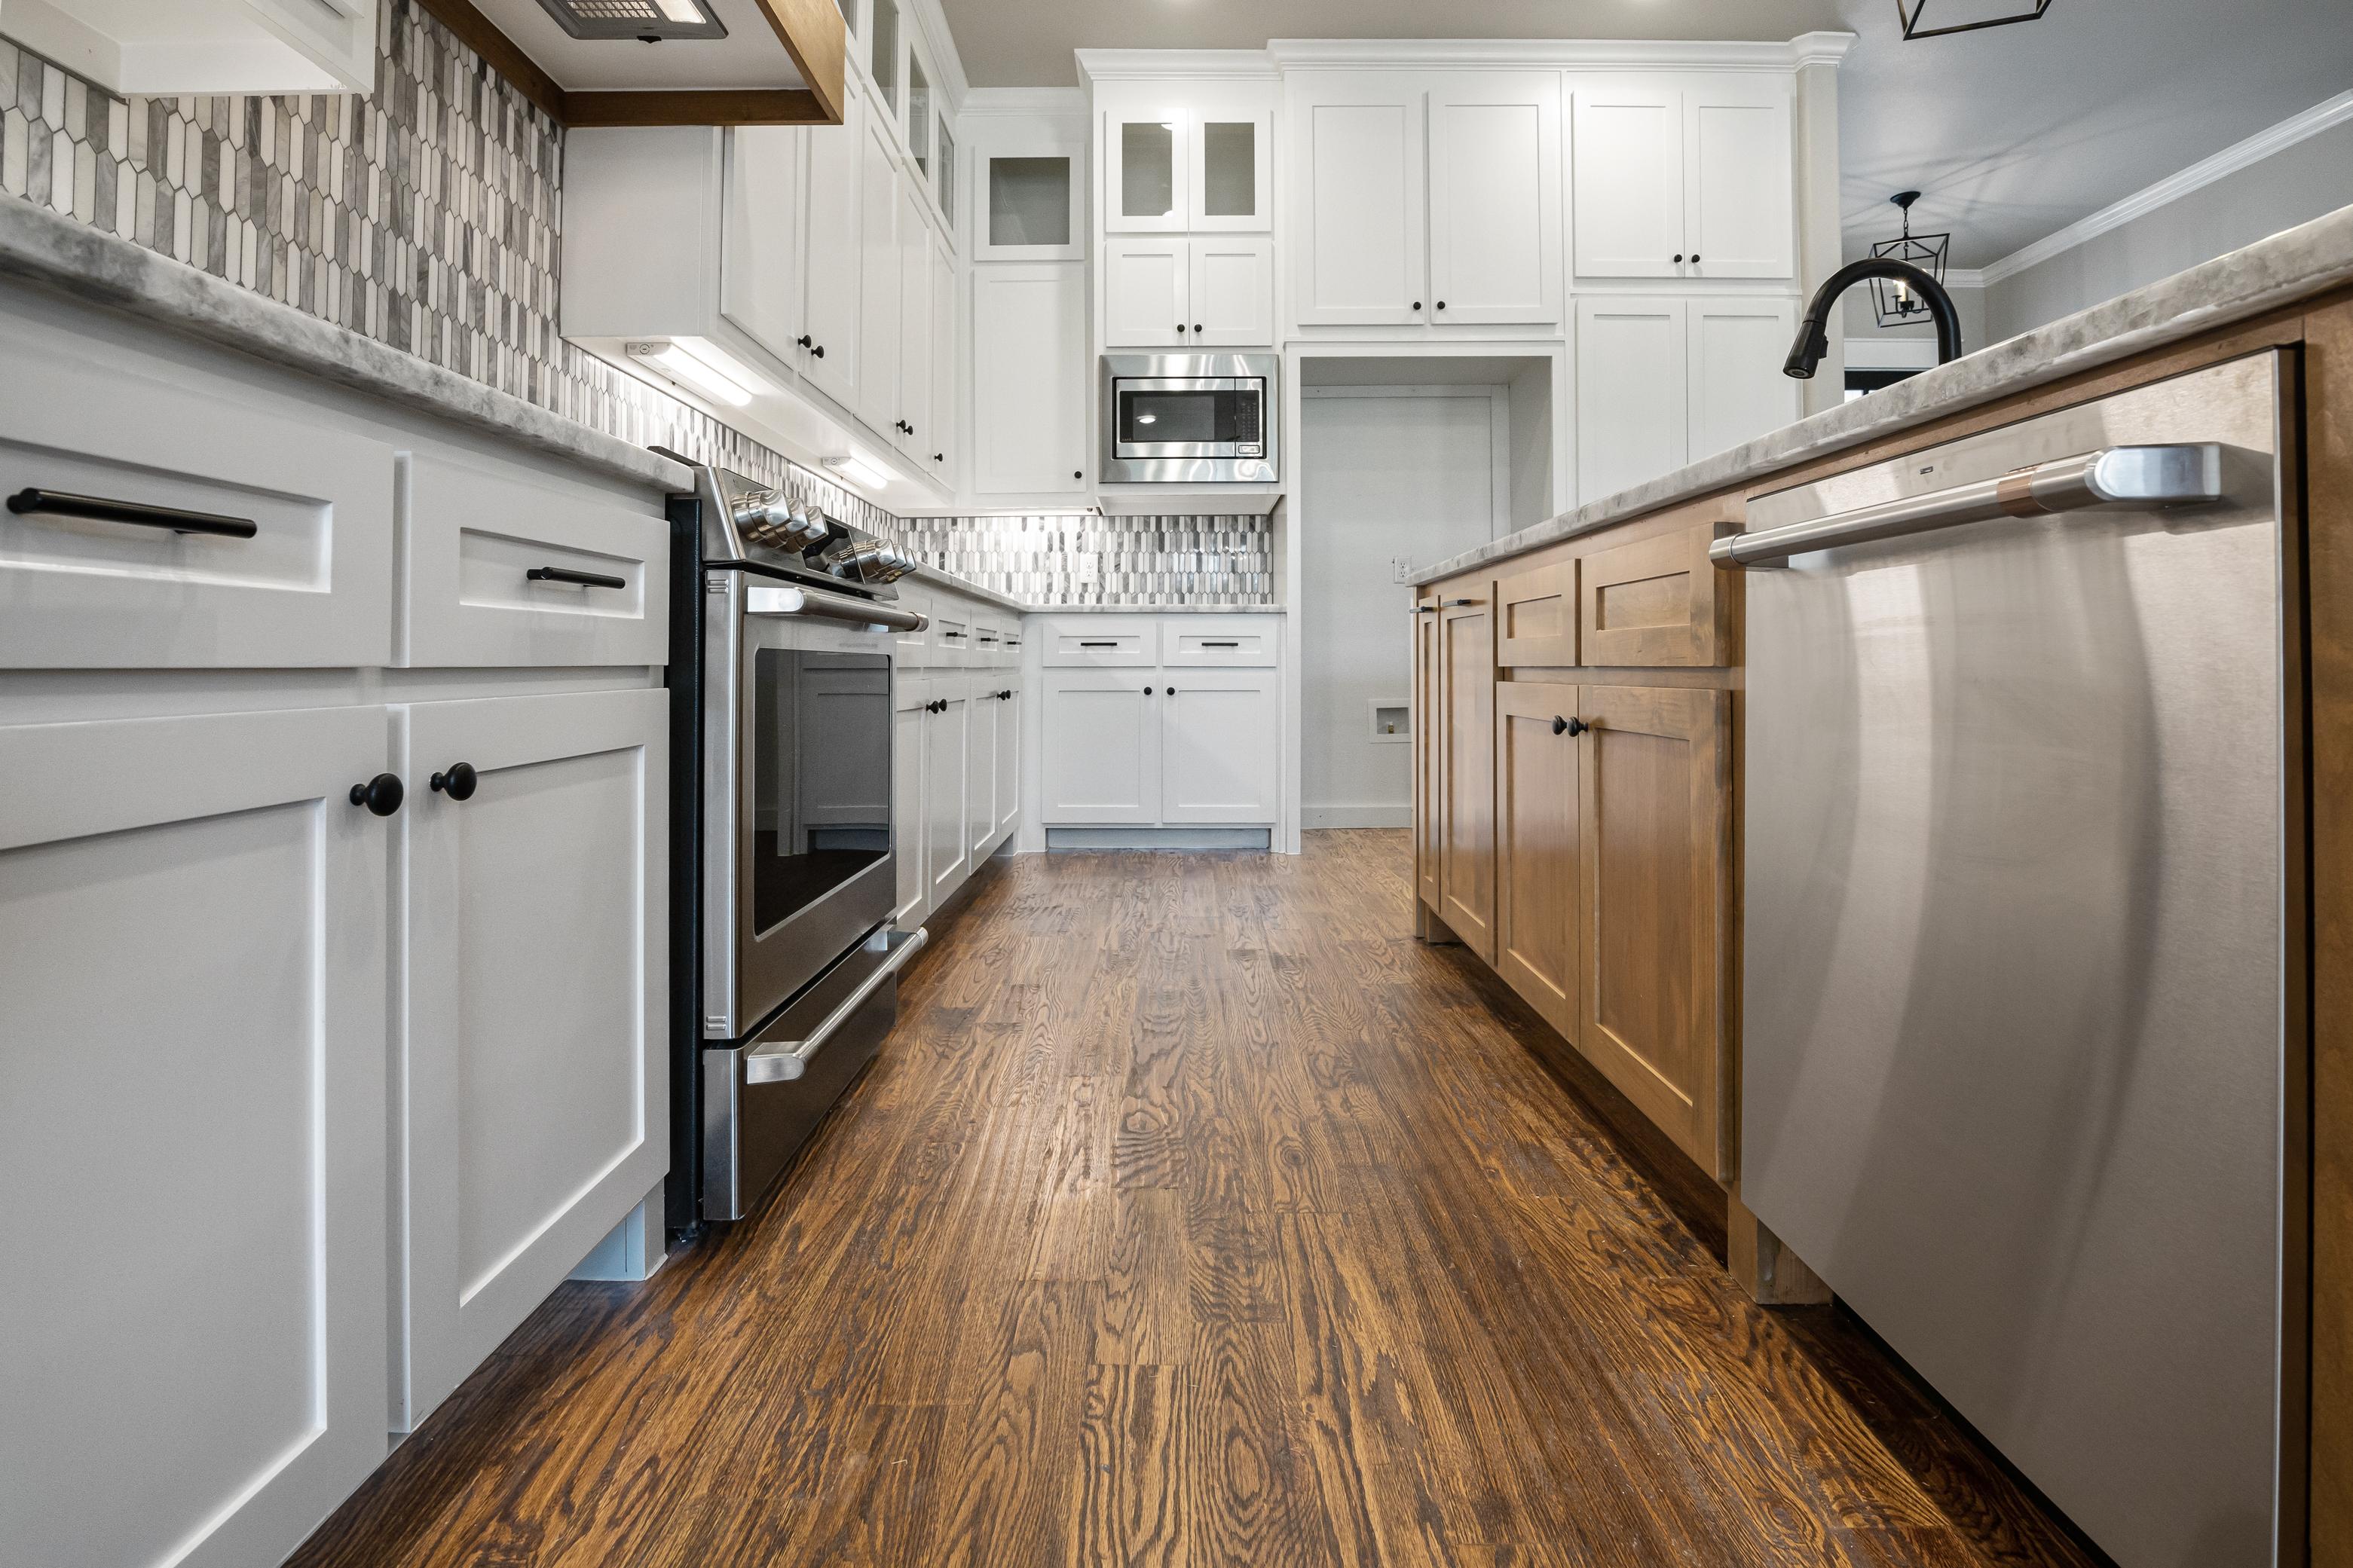 https://0201.nccdn.net/4_2/000/000/038/2d3/kitchen-low-shot.jpg